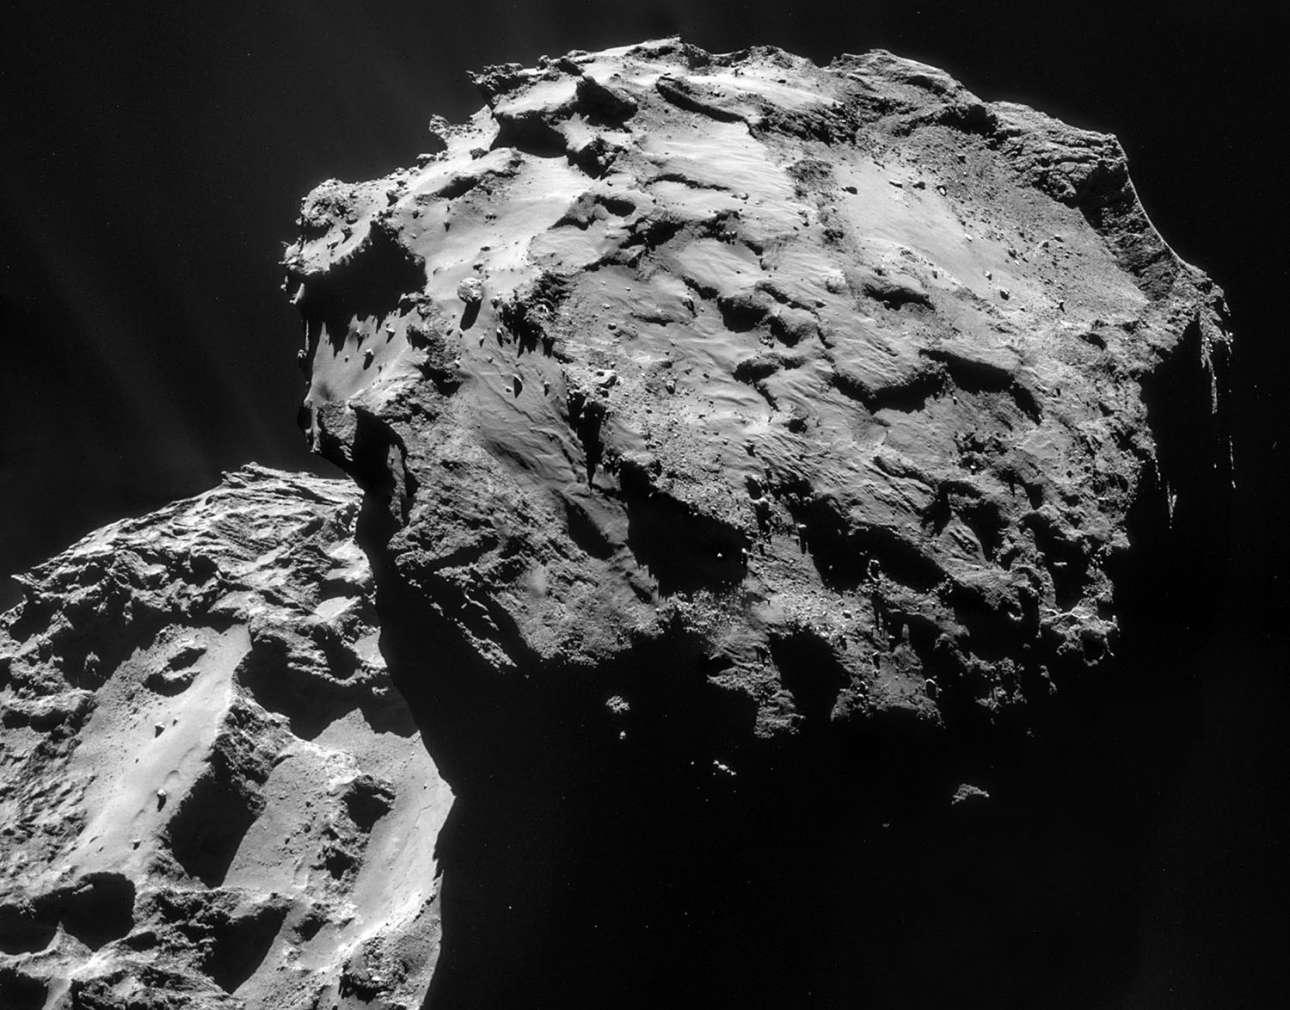 Ενα μωσαϊκό τεσσάρων εικόνων ολοκληρώνει τη φωτογραφία που πήρε η διαστημική Ροζέτα στις 7 Δεκεμβρίου 2014, όταν βρέθηκε πολύ κοντά στον πλανήτη 67P/ Churyumov-Gerasimenko